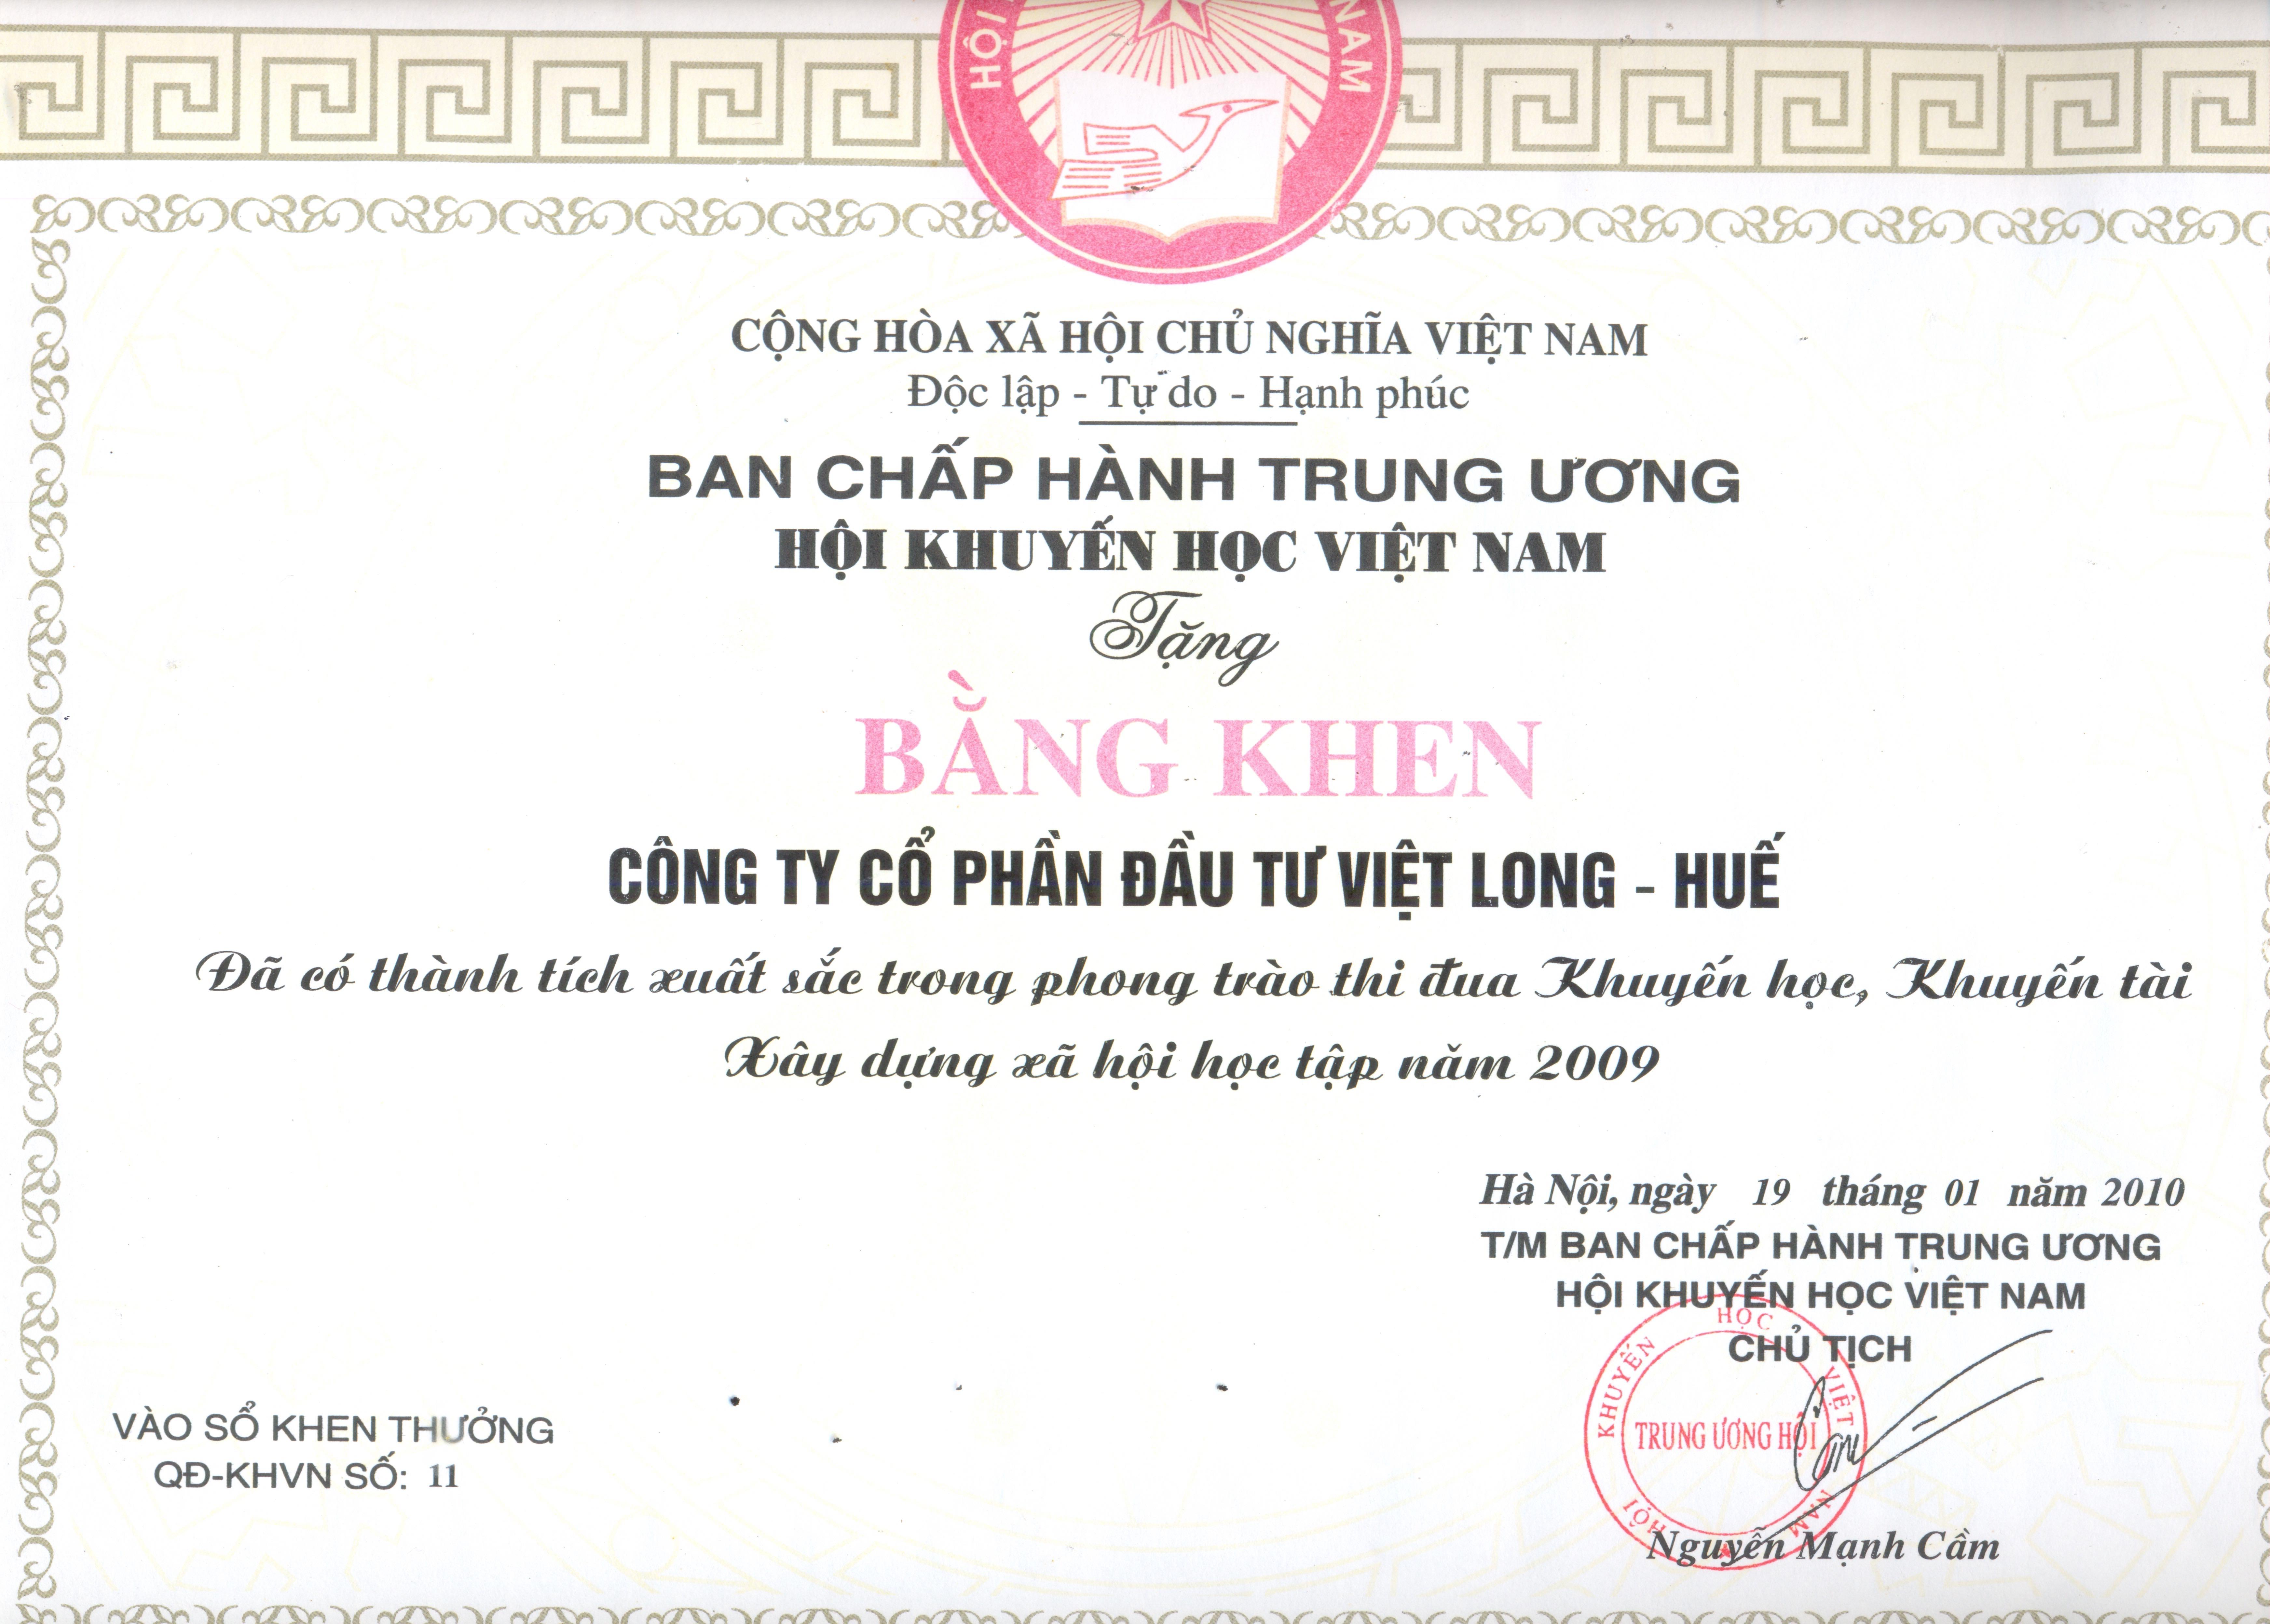 phong trao thi dua khuyen hoc khuyen tai xay dung xa hoi hoc tap nam 2009